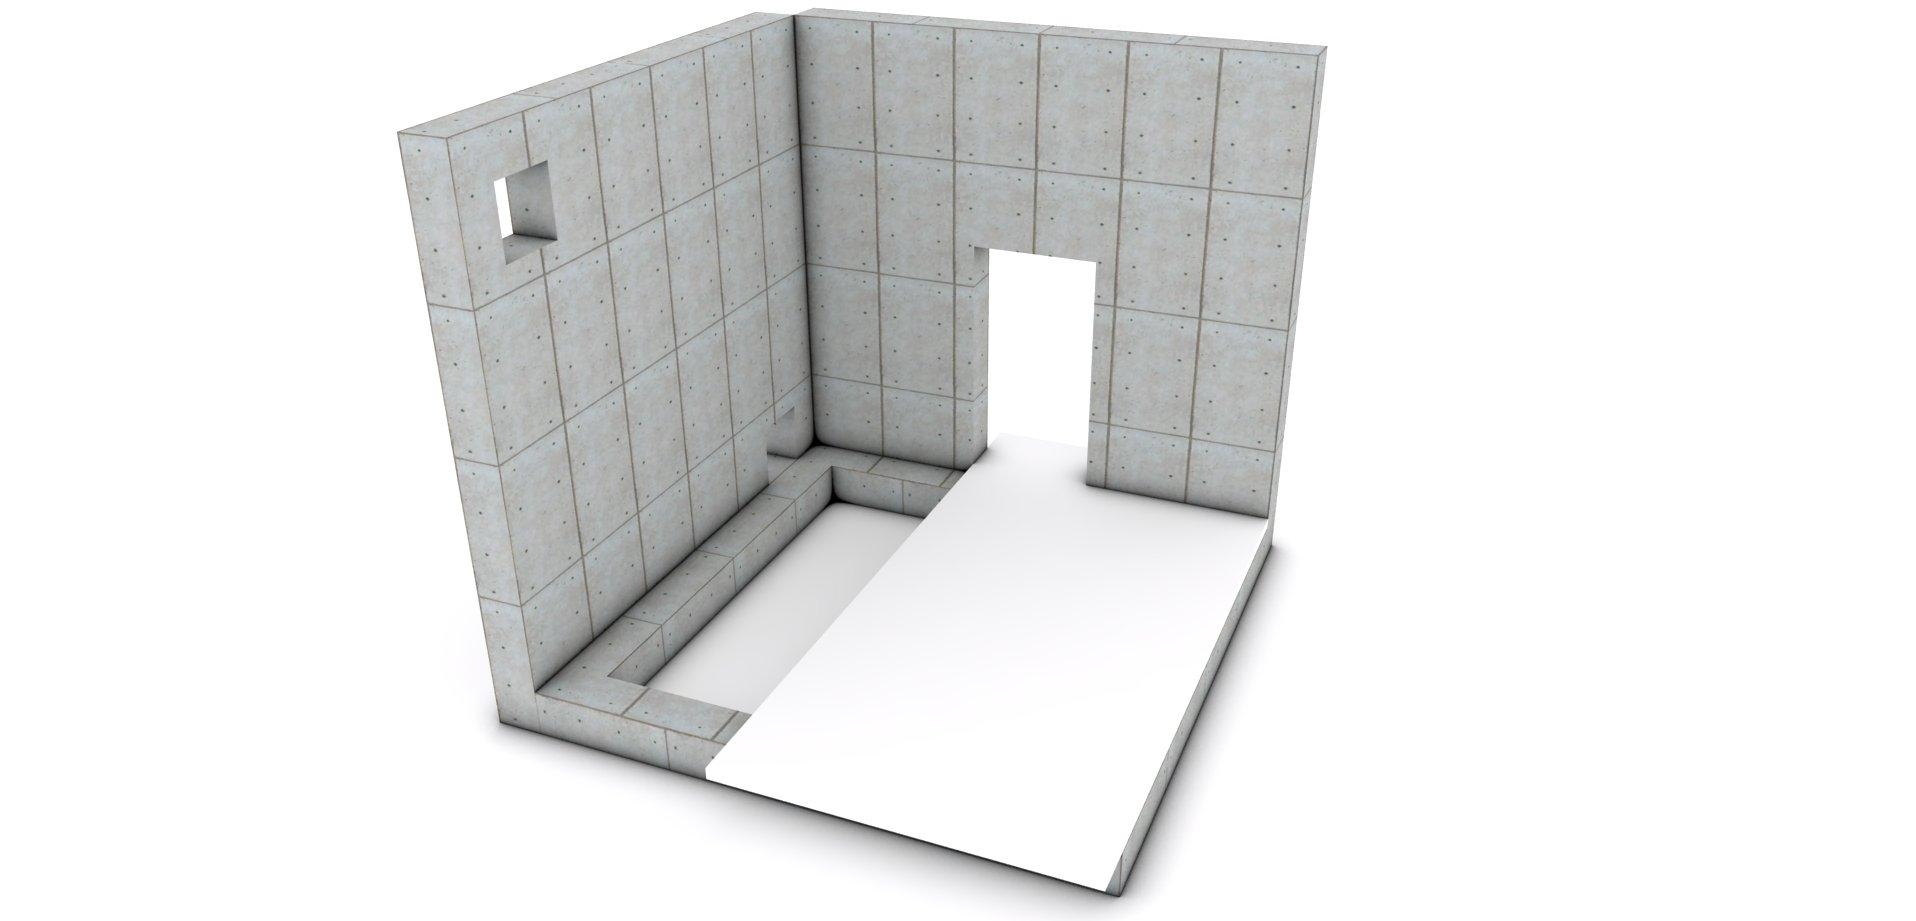 Concrete_Example 1.jpg